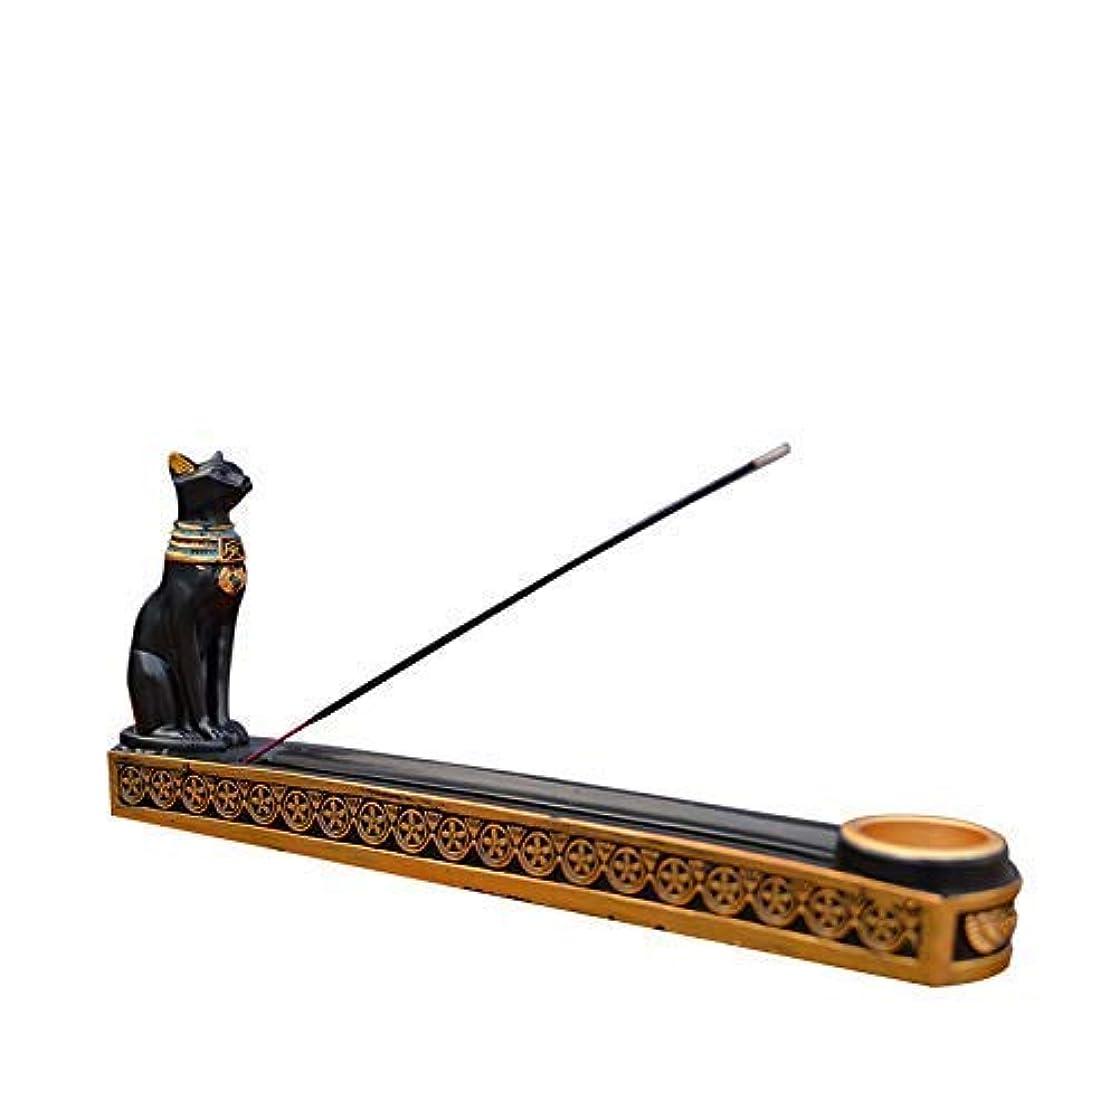 通行料金世界裂け目tonntyann 横置き お香立て ボックス 猫 寝かせ スティックおしゃれ 線香立て お香 古代エジプト風 バステト神 アロマ お香 横置き ヒエログリフ ネ